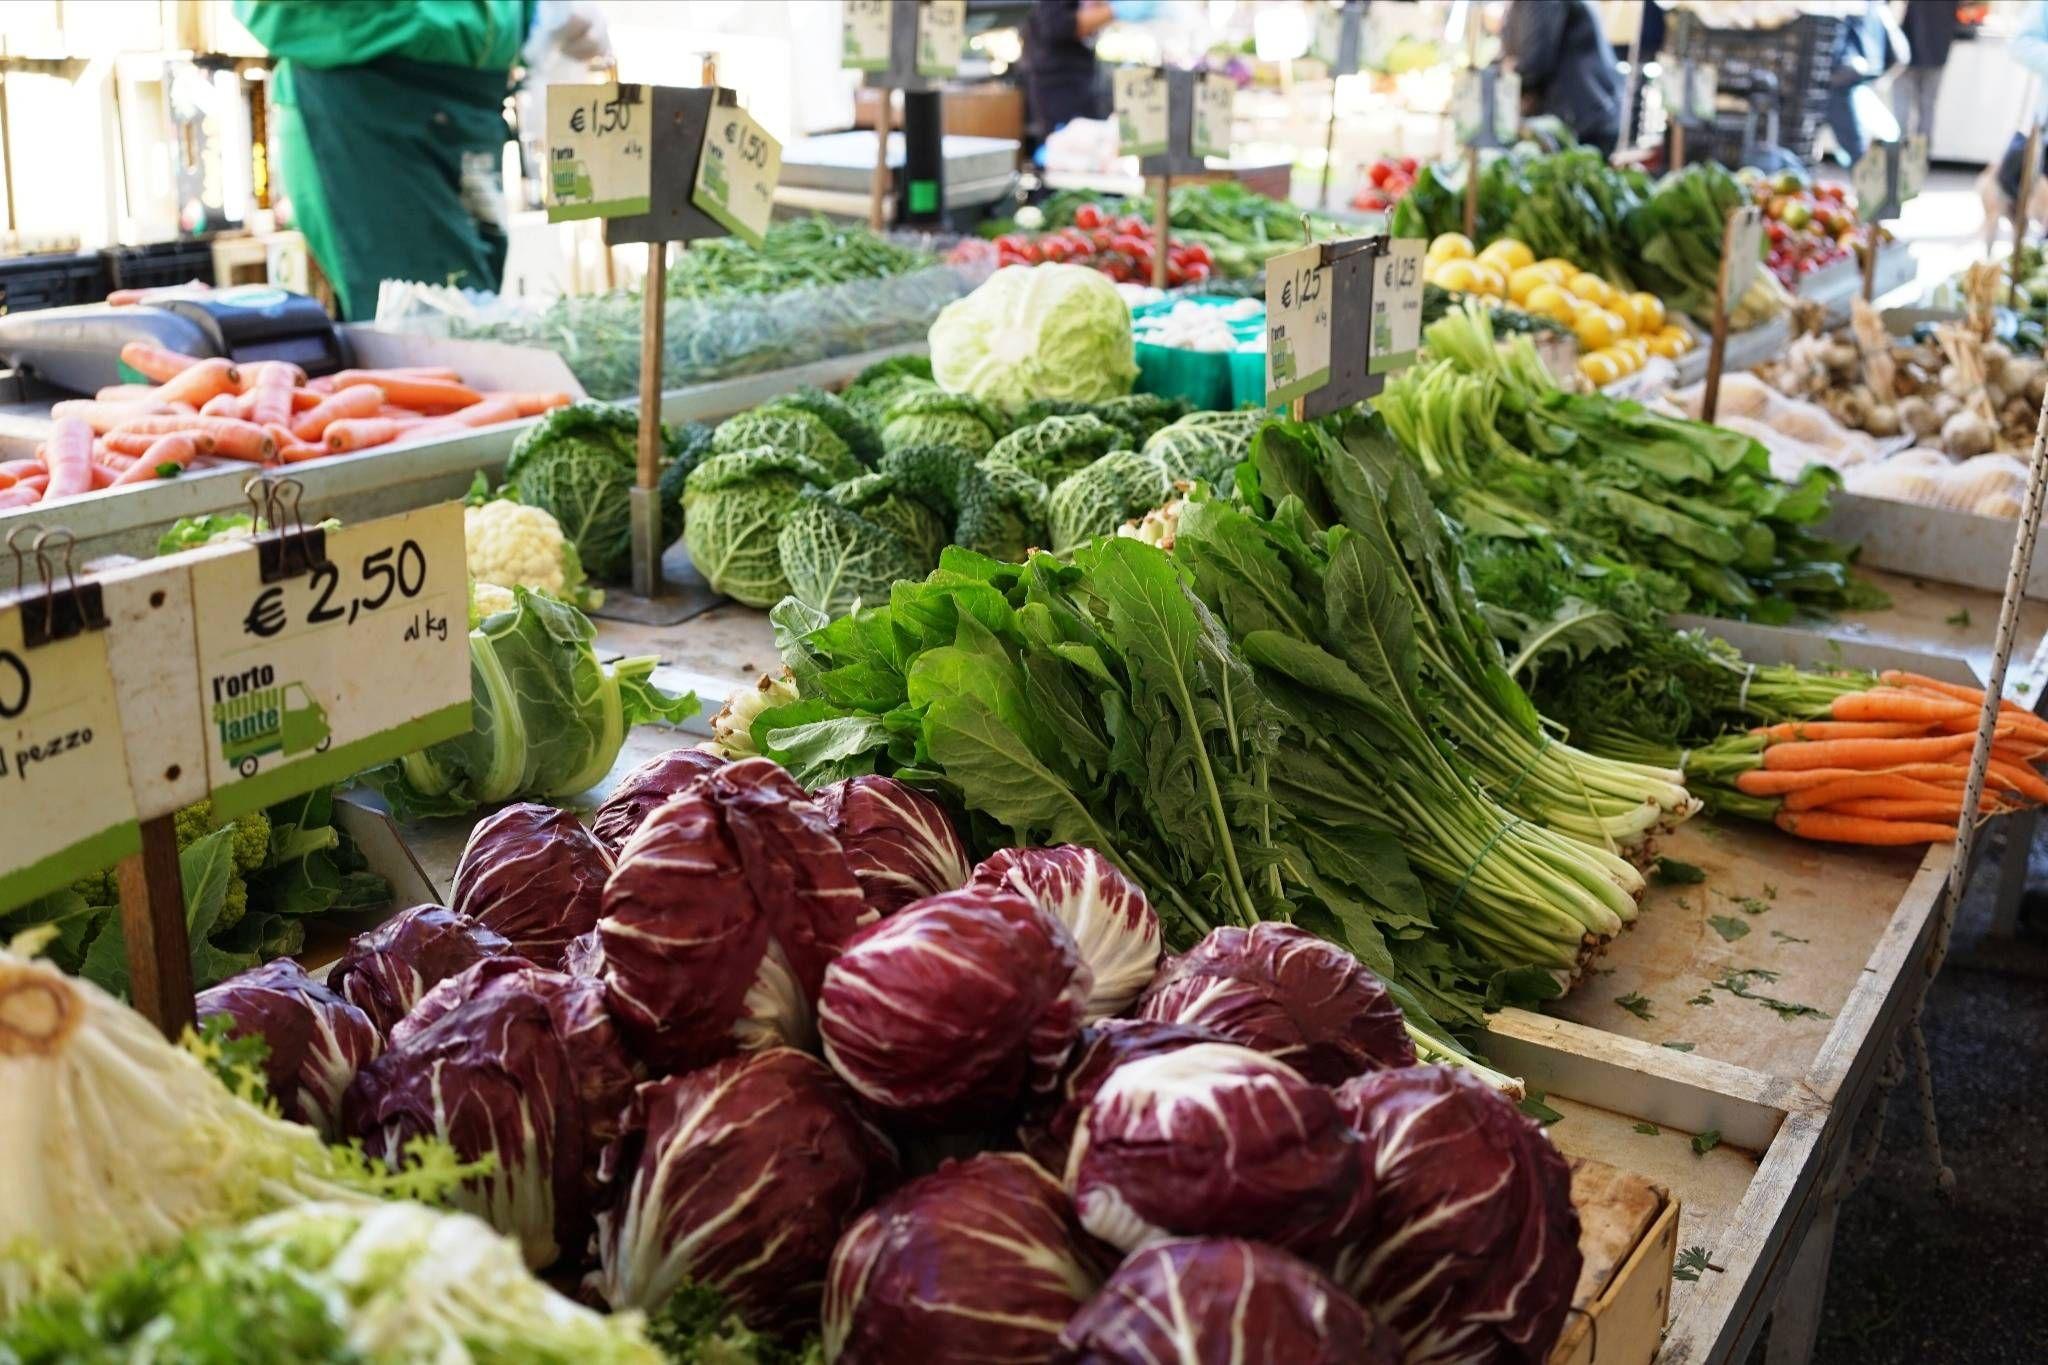 Stunning K che und Kultur Apuliens kennenlernen Wochenm rkte durchst bern beim Bauern kaufen St dte besichtigen und